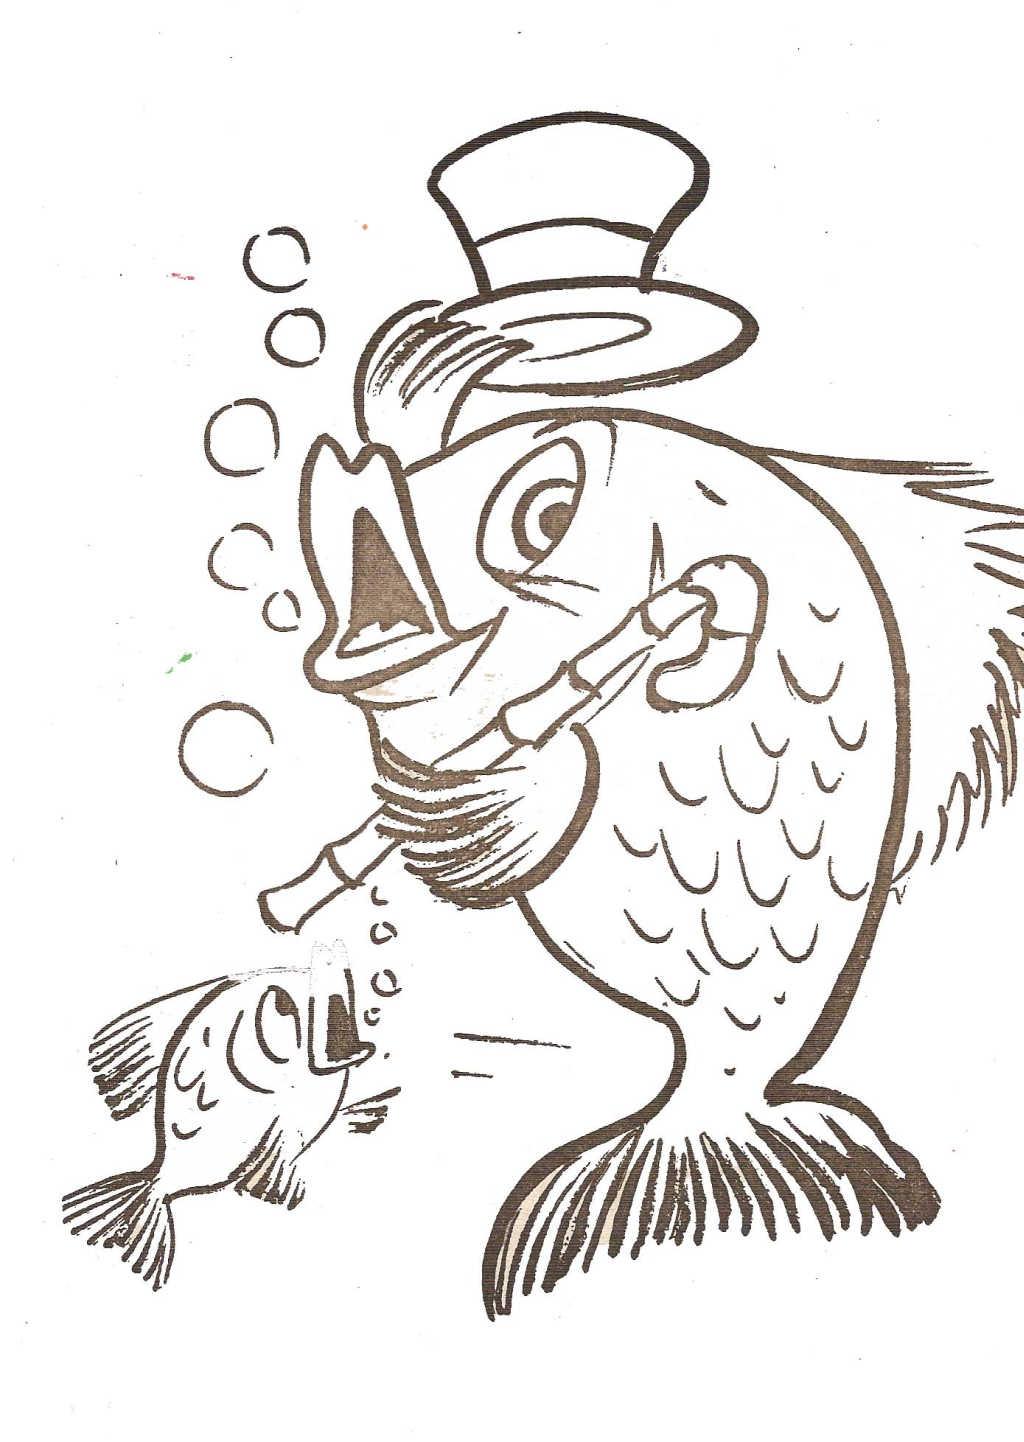 9 dessins de coloriage cuisinier rigolo imprimer - Dessin cuisinier humoristique ...